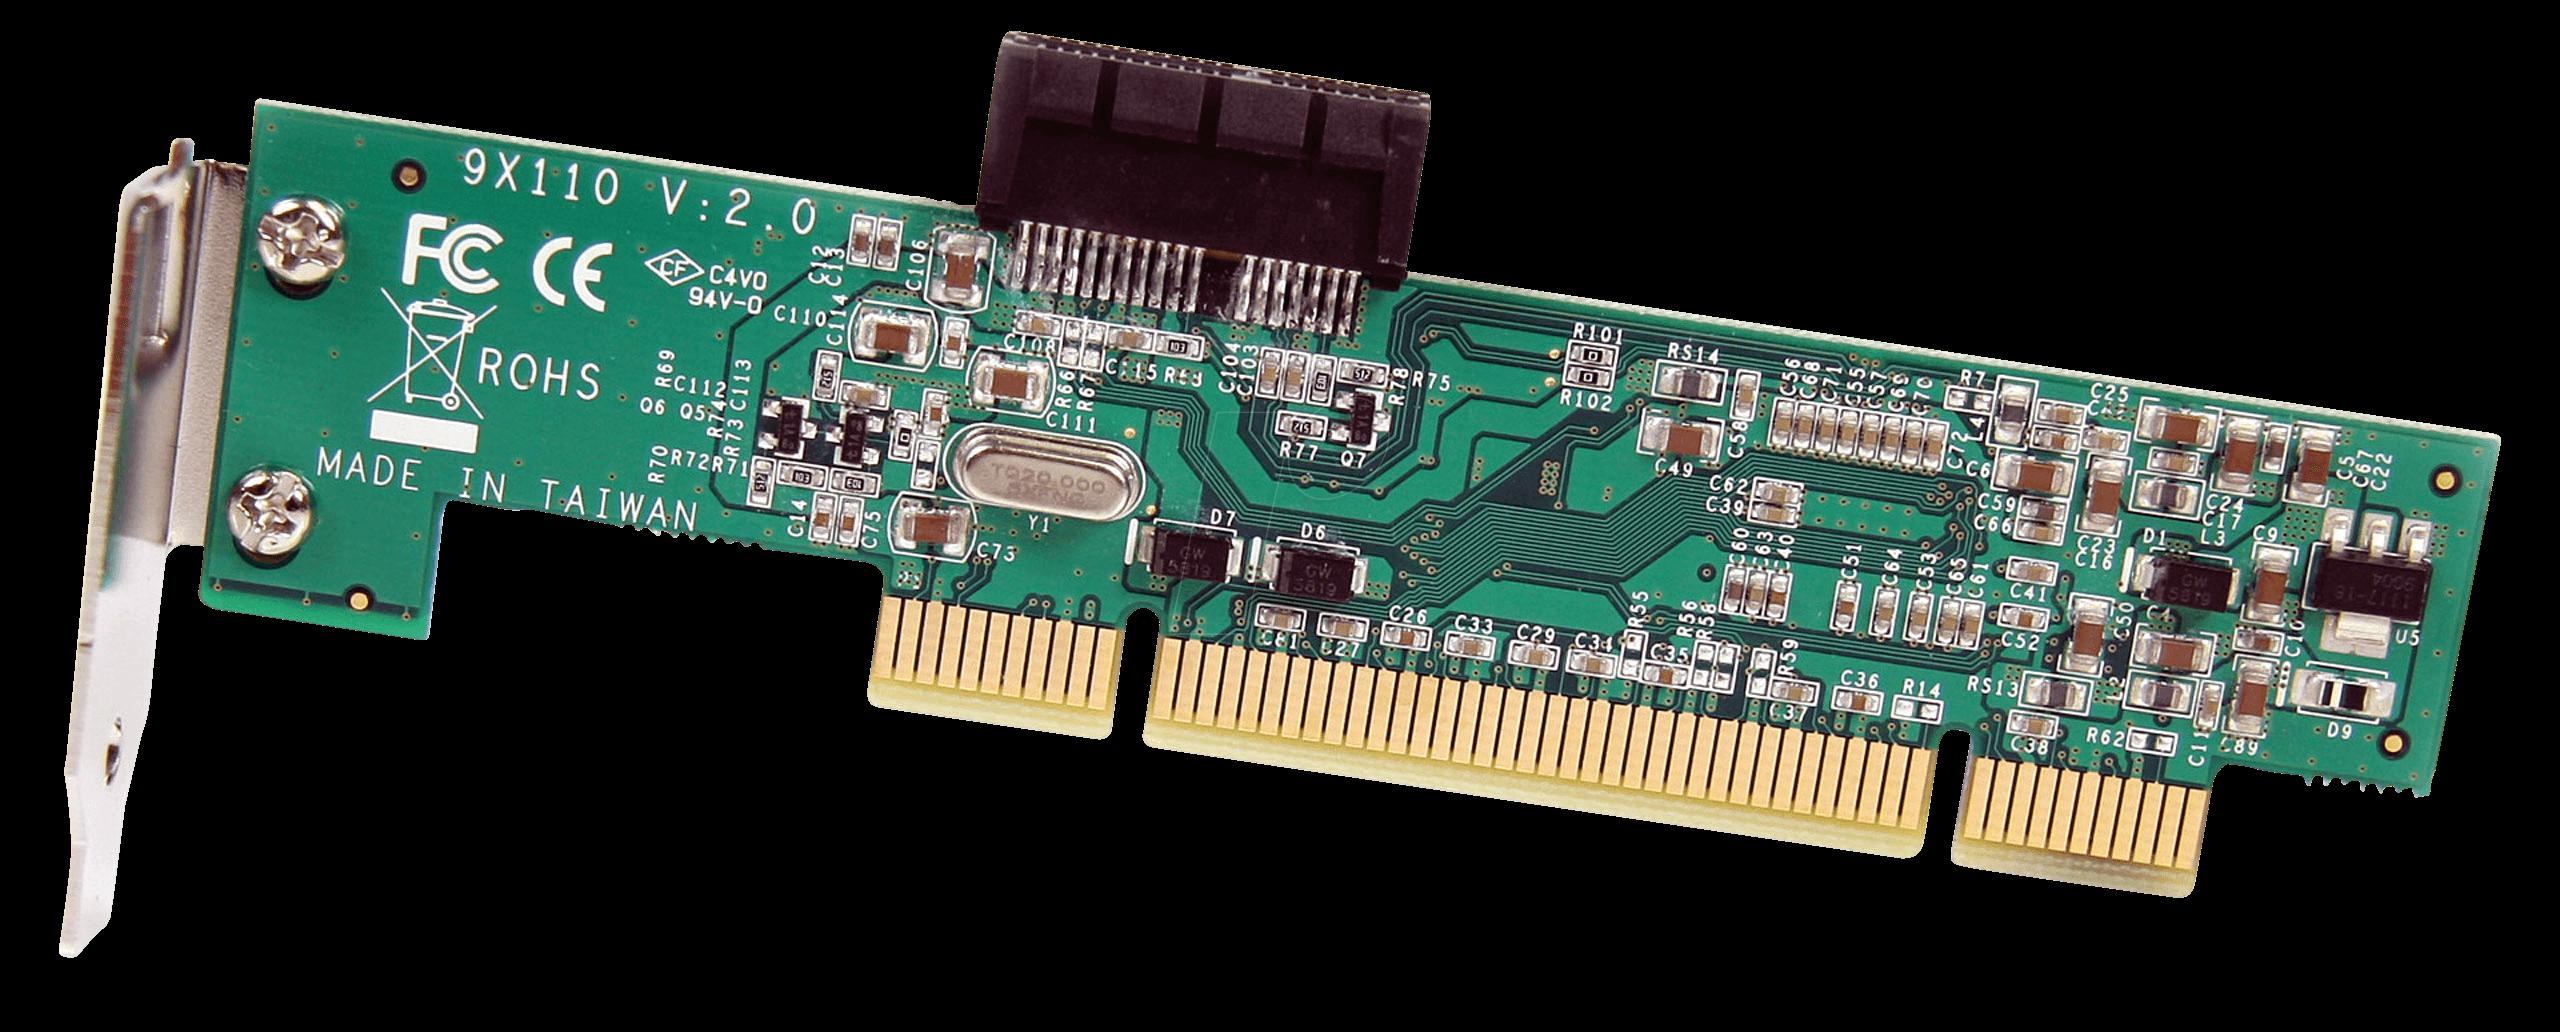 https://cdn-reichelt.de/bilder/web/xxl_ws/E910/PCI1PEX1_02.png